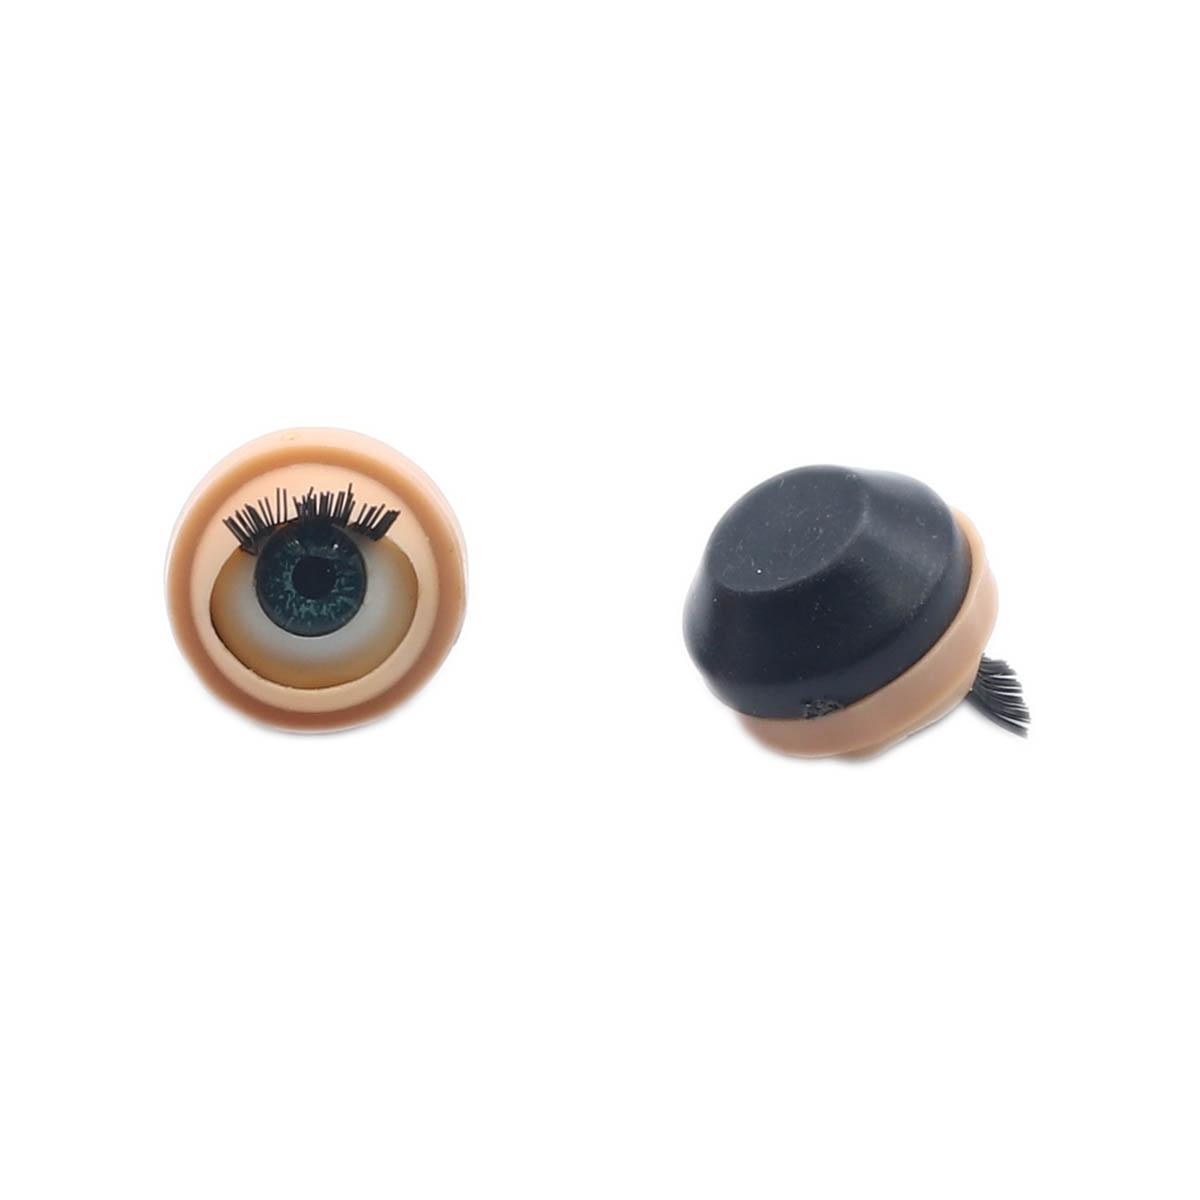 808# Глаза с ресничками, моргающие, 0,9см, 50 шт/упак